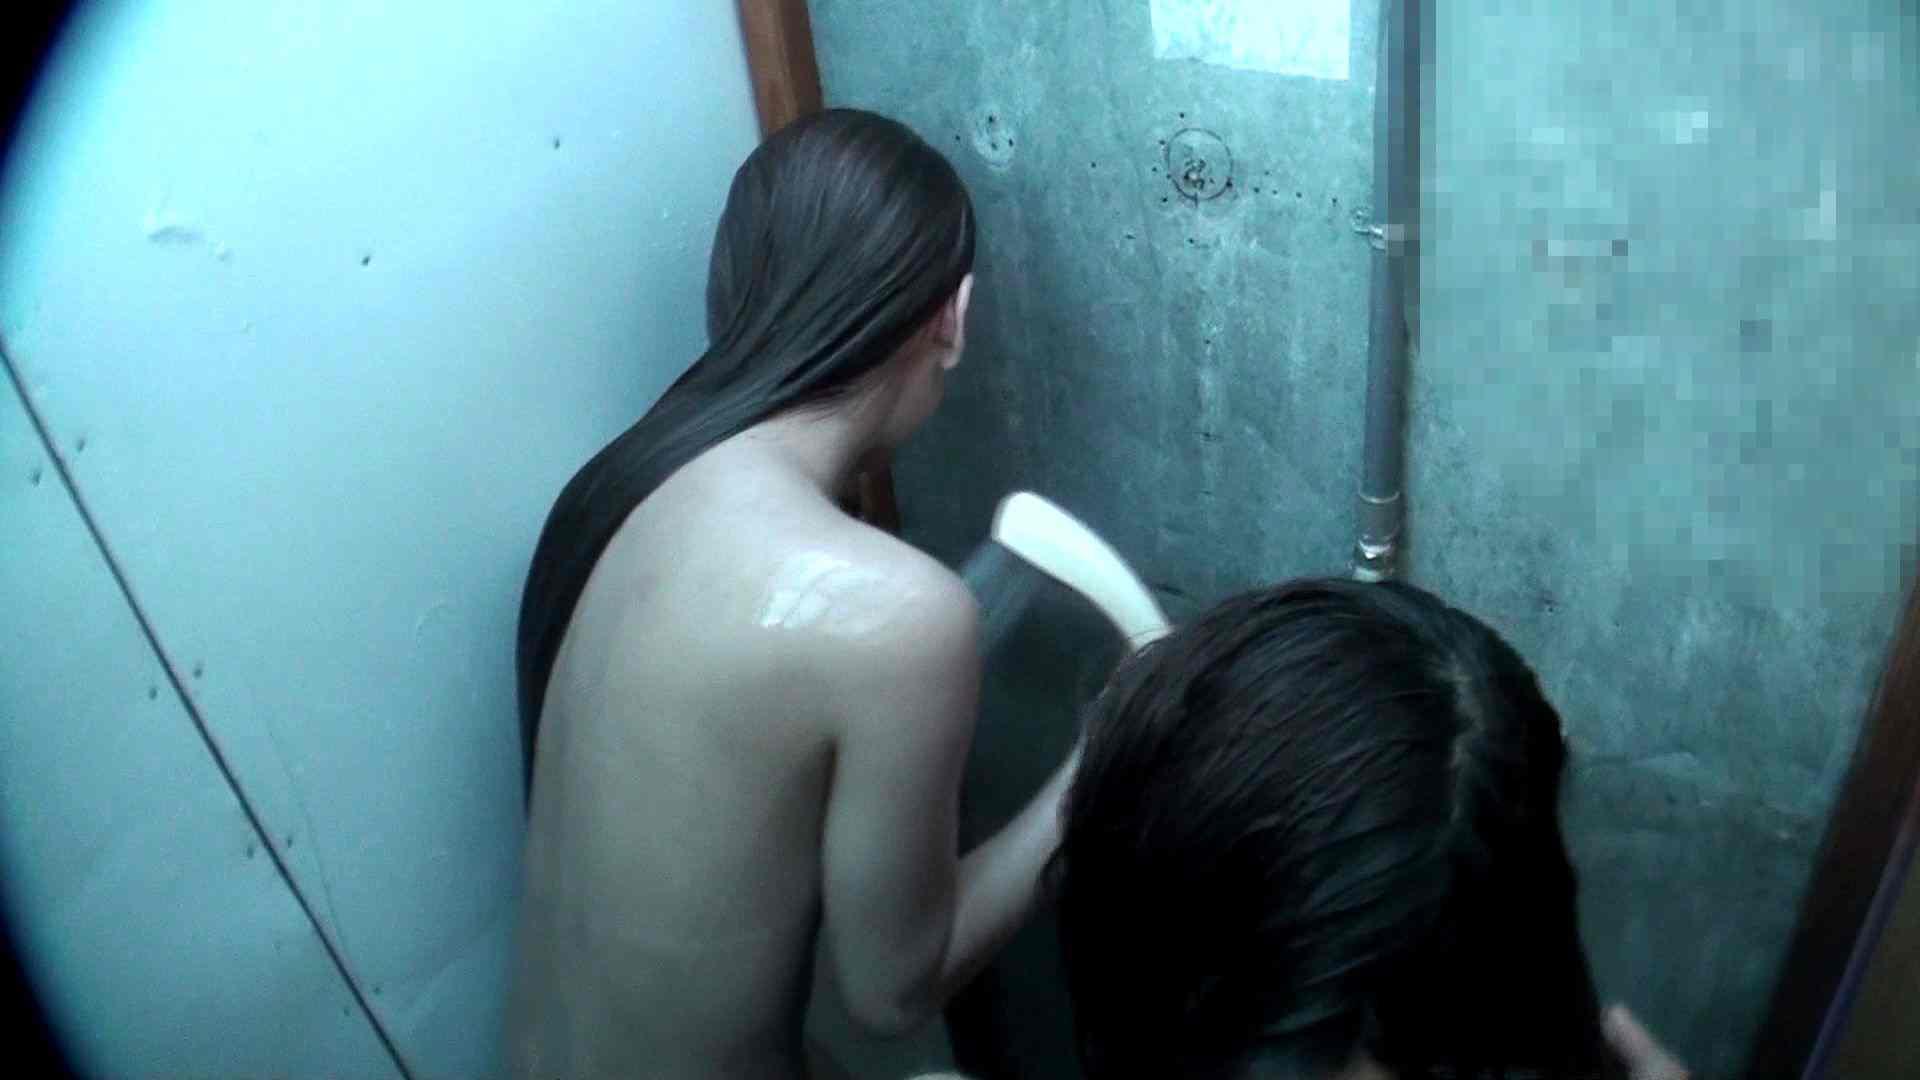 シャワールームは超!!危険な香りVol.8 マリンスポーツが似合いそうなスレンダーなお姉さん2人組 高画質 盗撮動画紹介 52連発 31